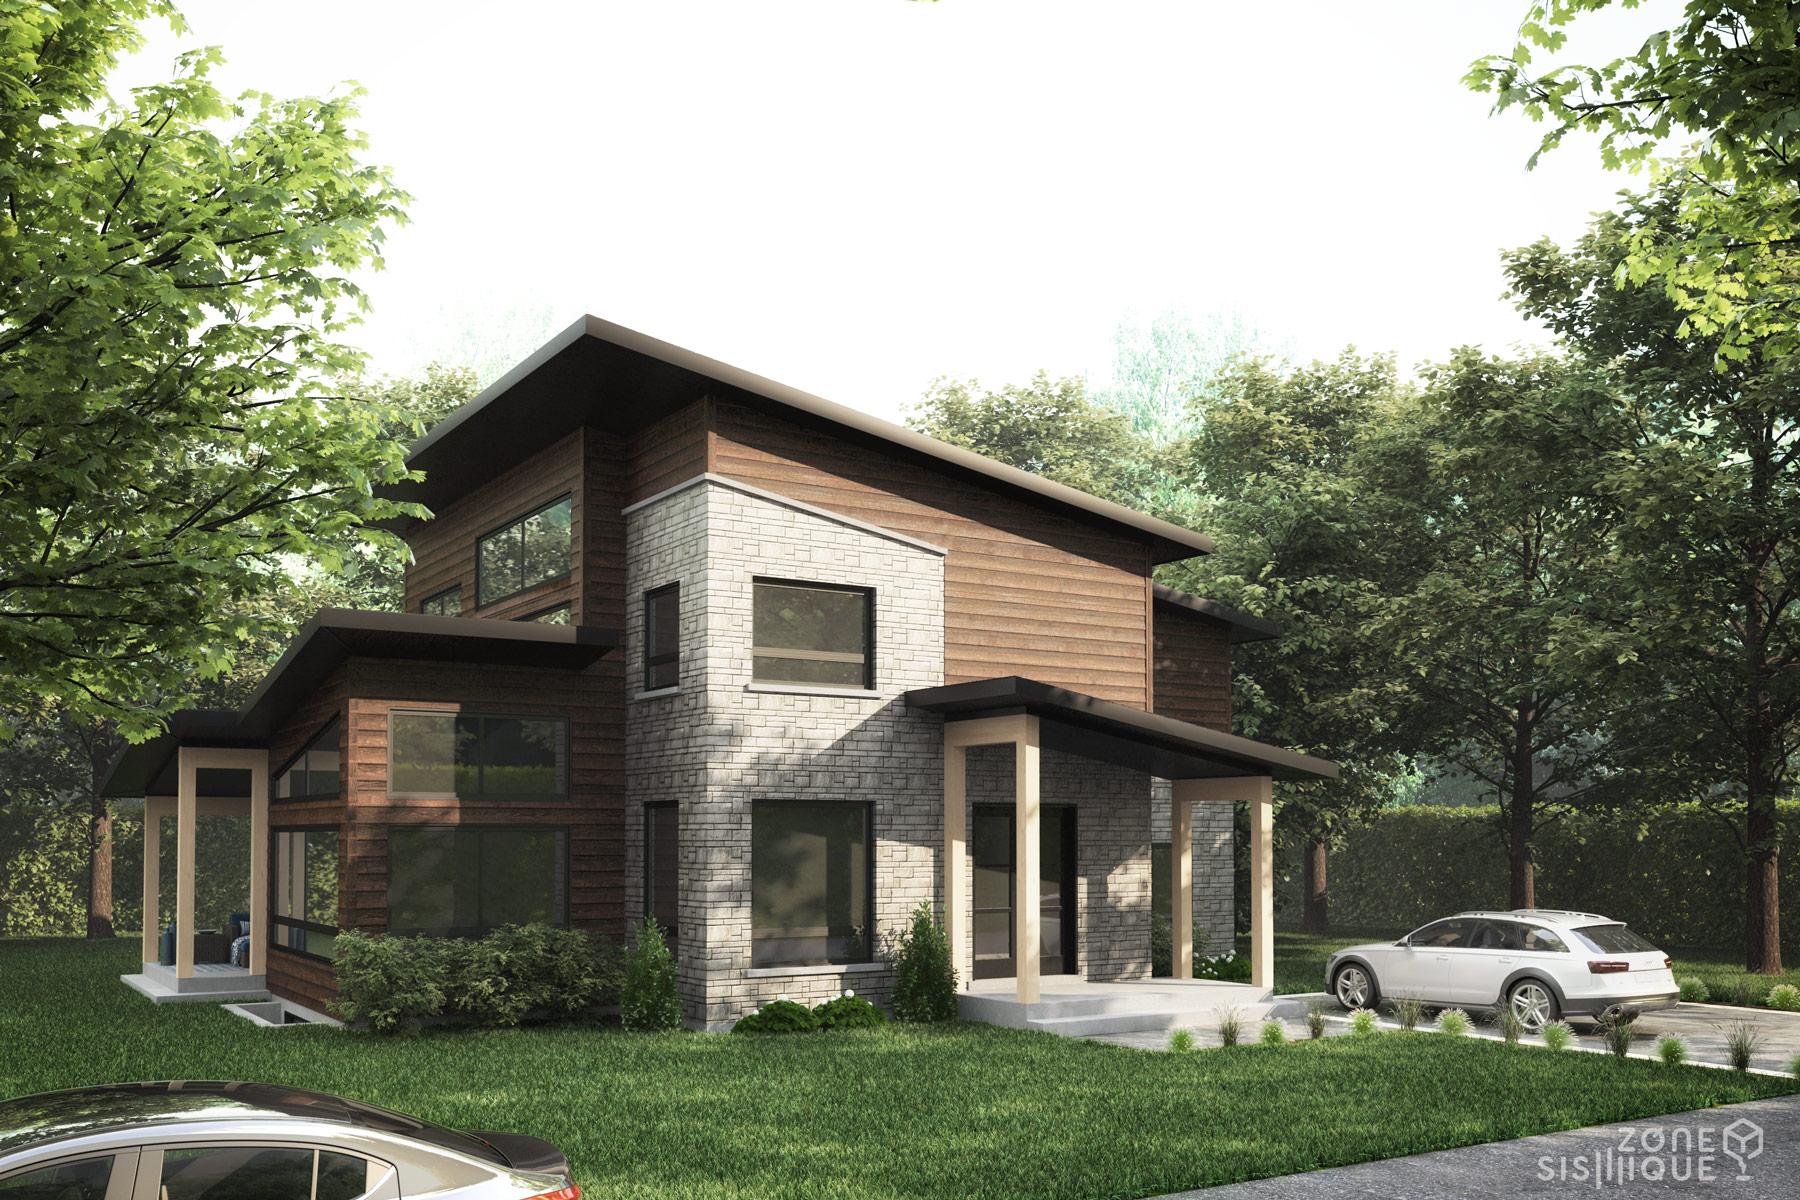 Image De Maison Moderne zone-sismique-sebastien-martineau-architecte-vincent-maison